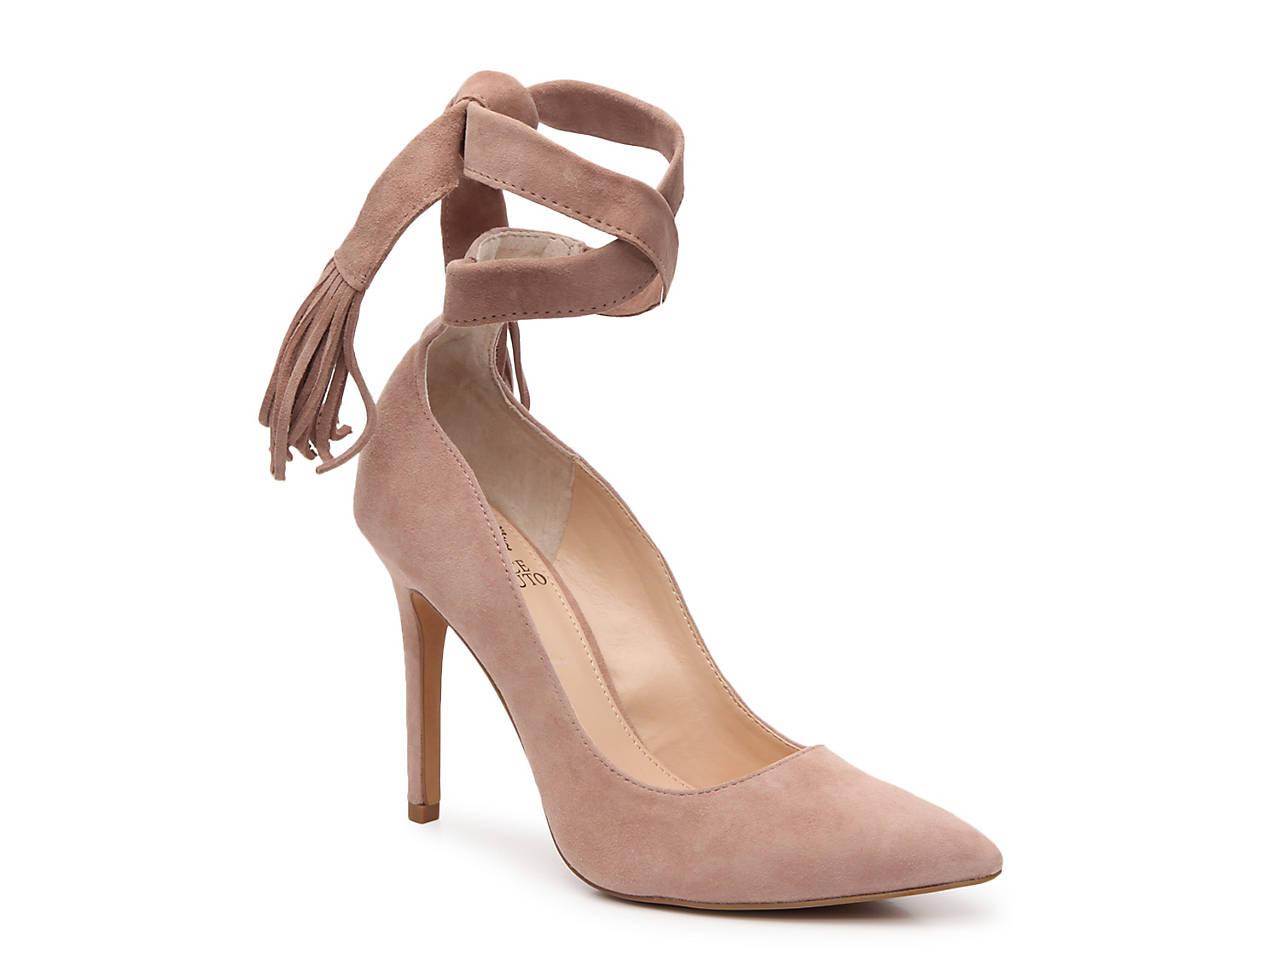 f0e249f80a8 Vince Camuto Nalani Pump Women s Shoes